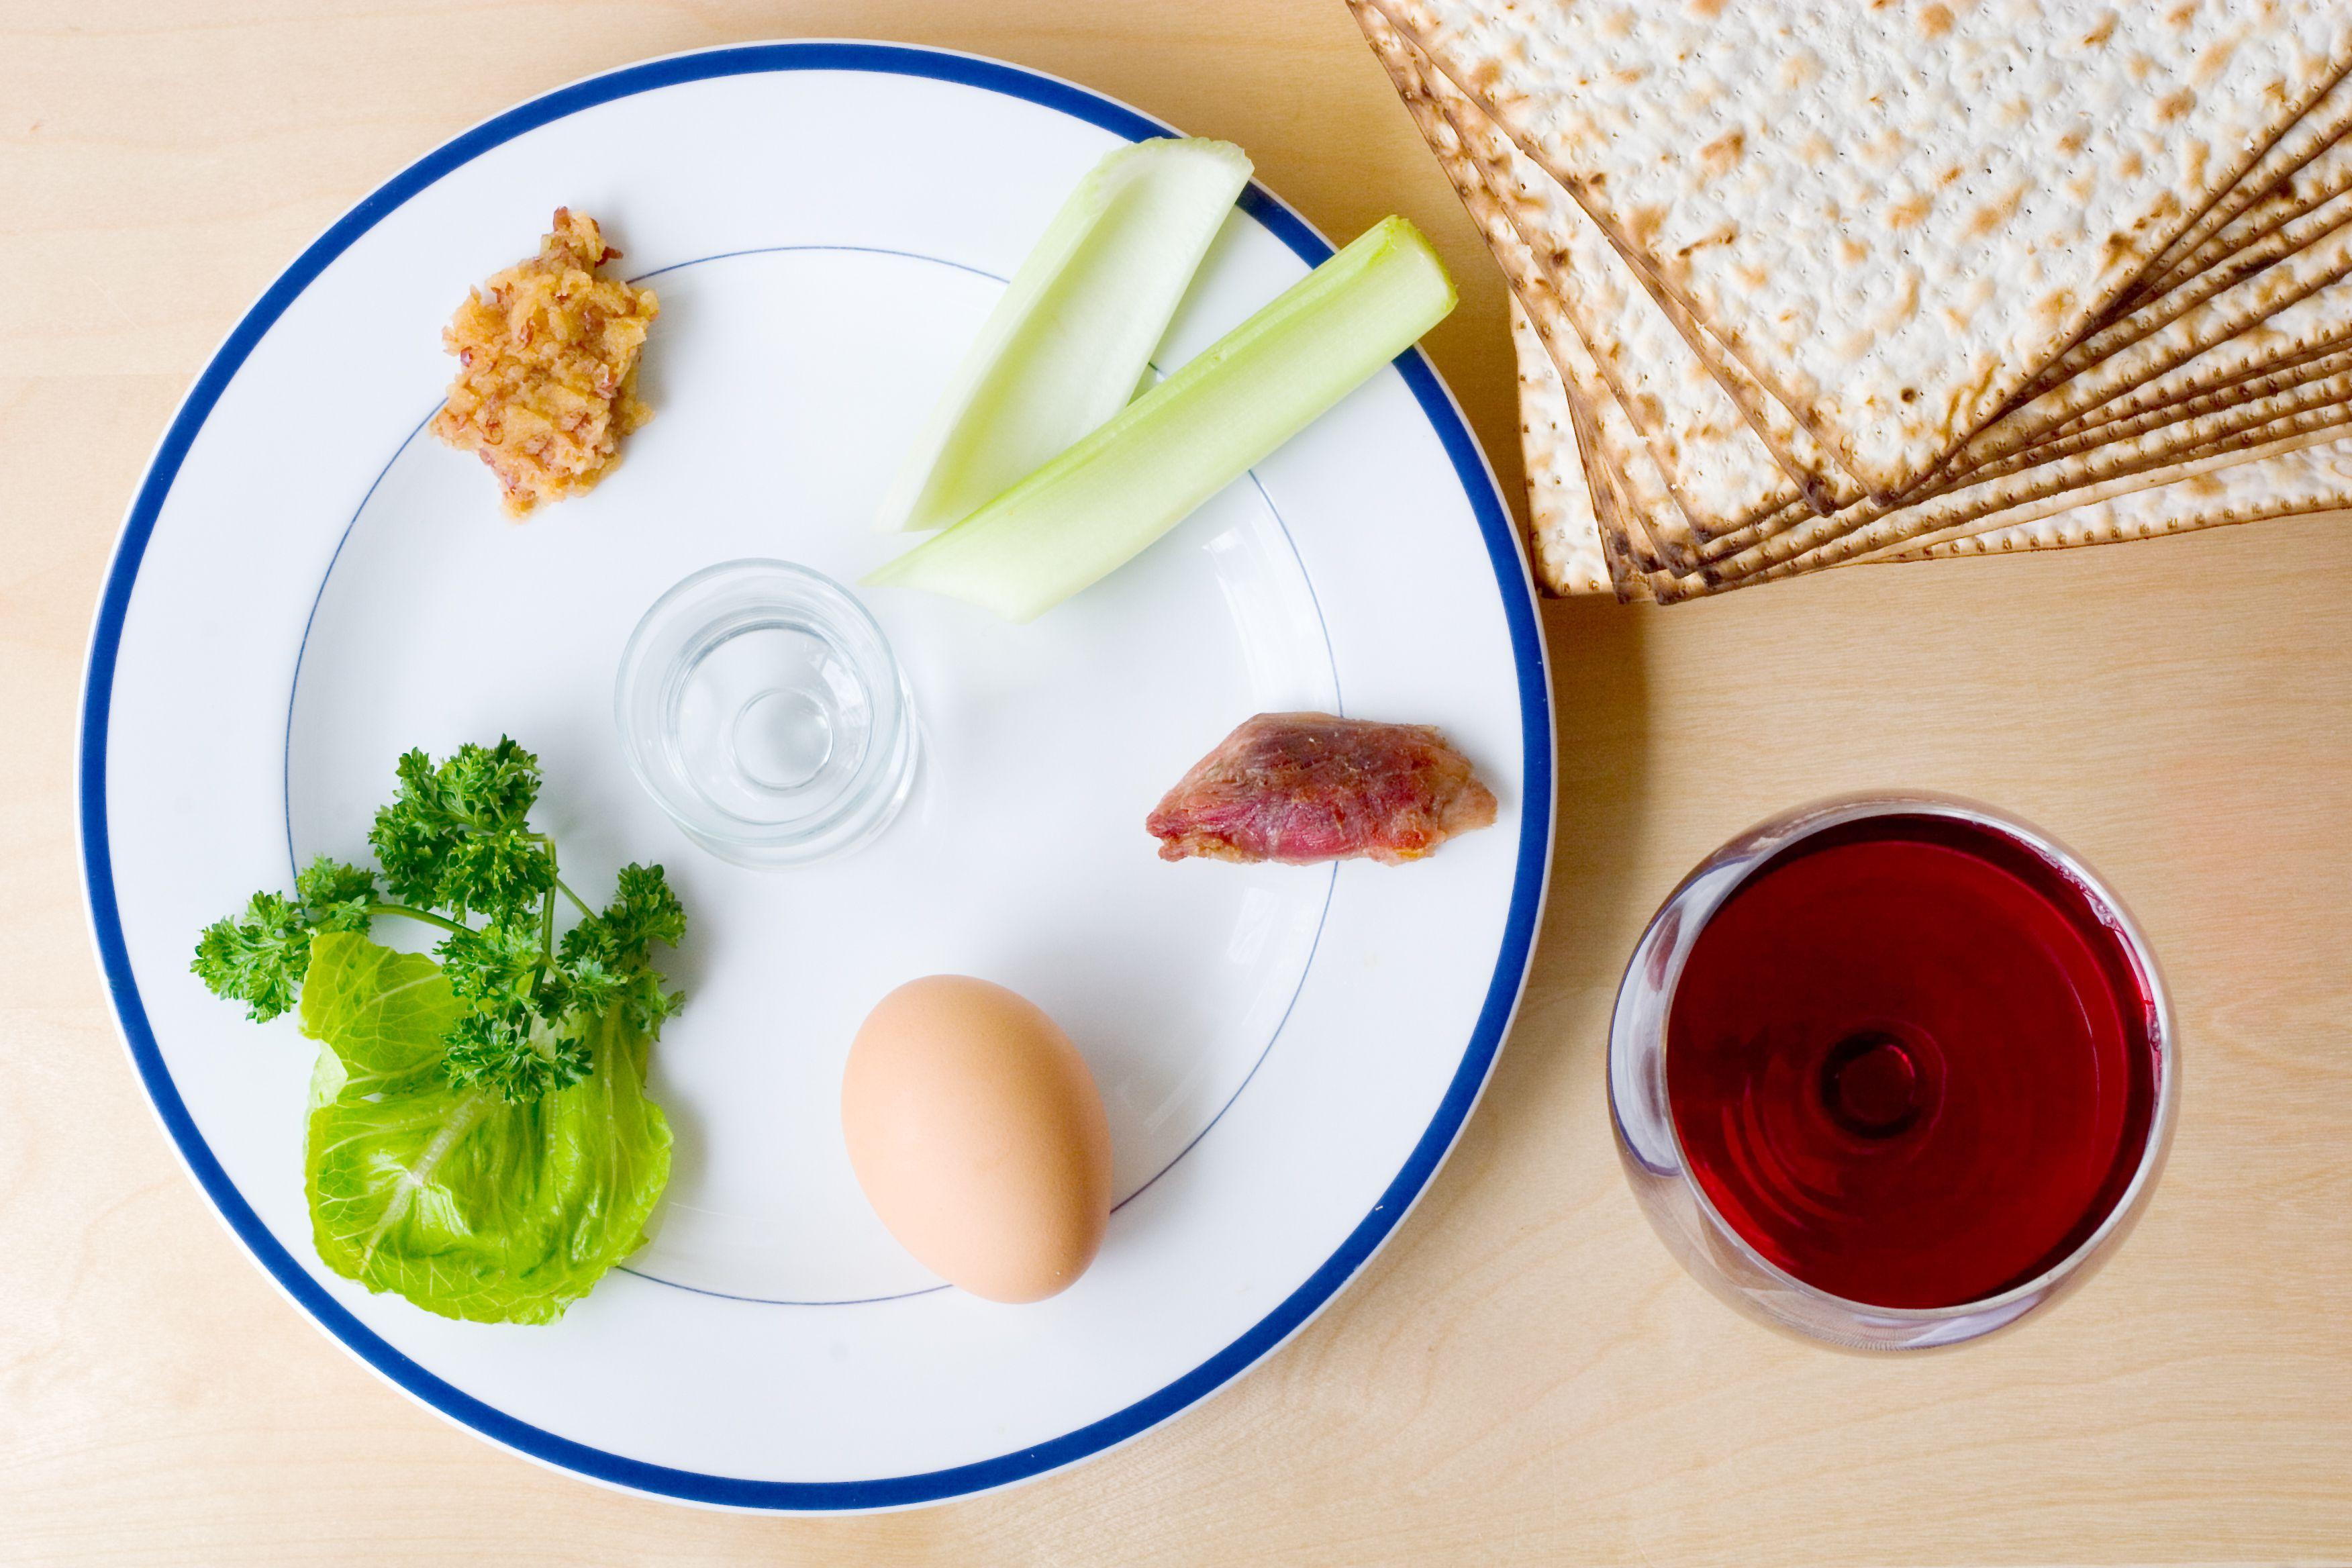 Plan Your Low Carb Passover Menu